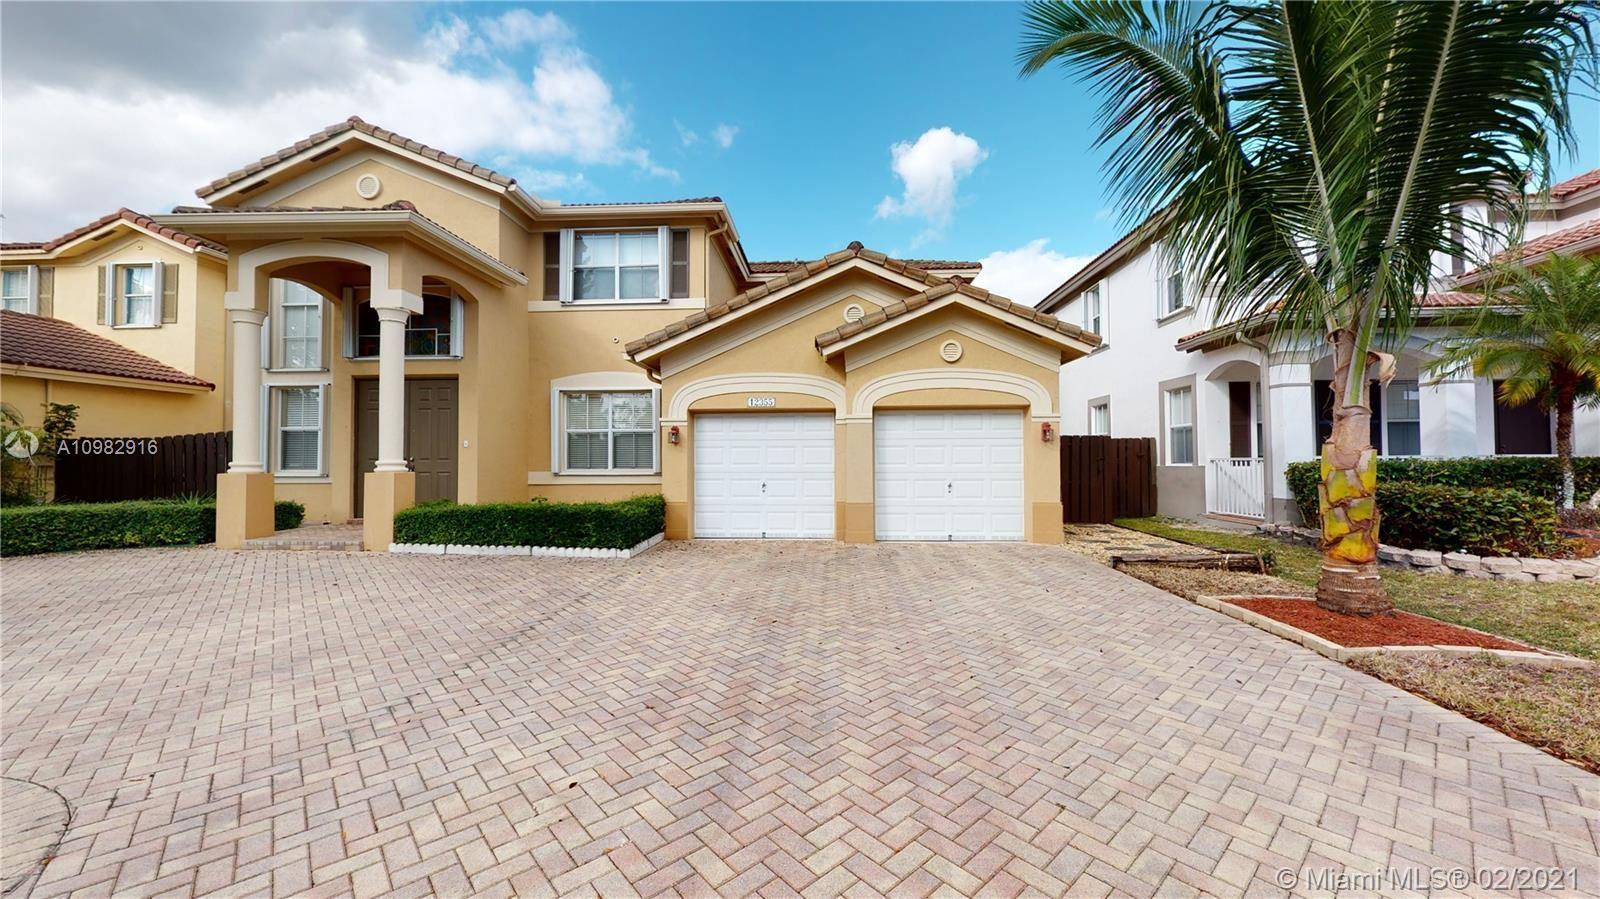 12355 SW 124th Ter, Miami, FL 33186 - #: A10982916